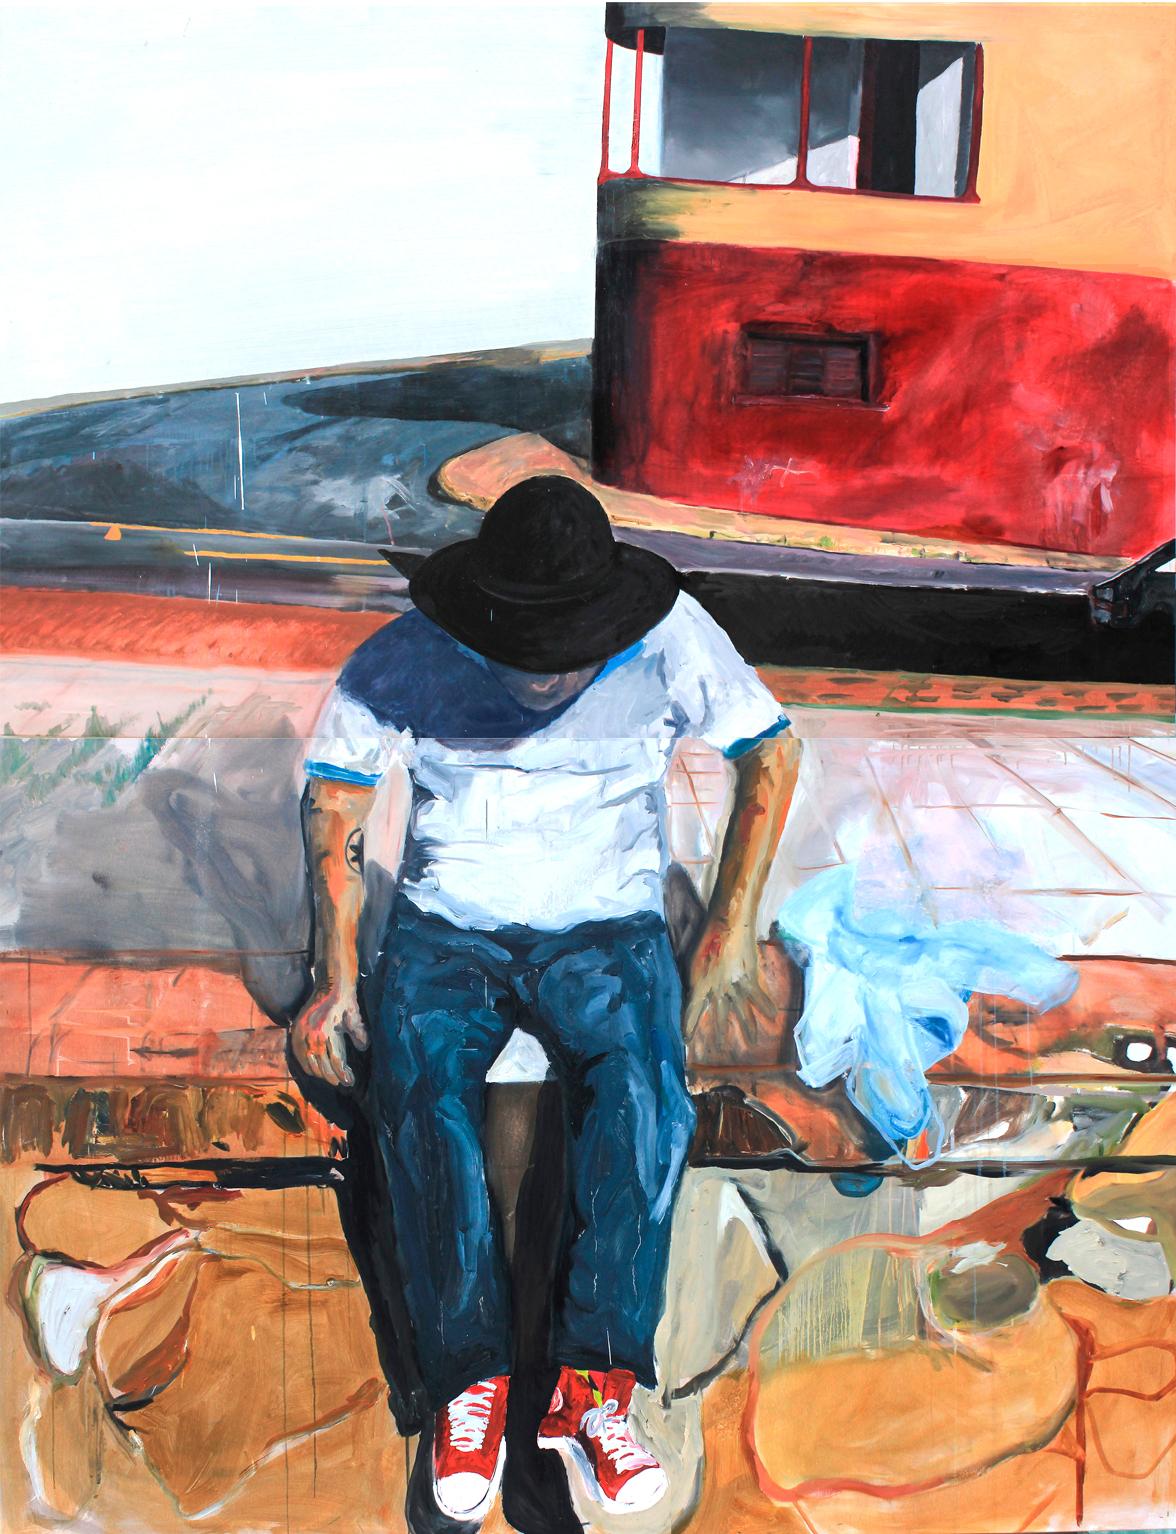 RES em Limeira  2015  Tinta óleo sobre tela  210 x 160 cm   Coleção particular